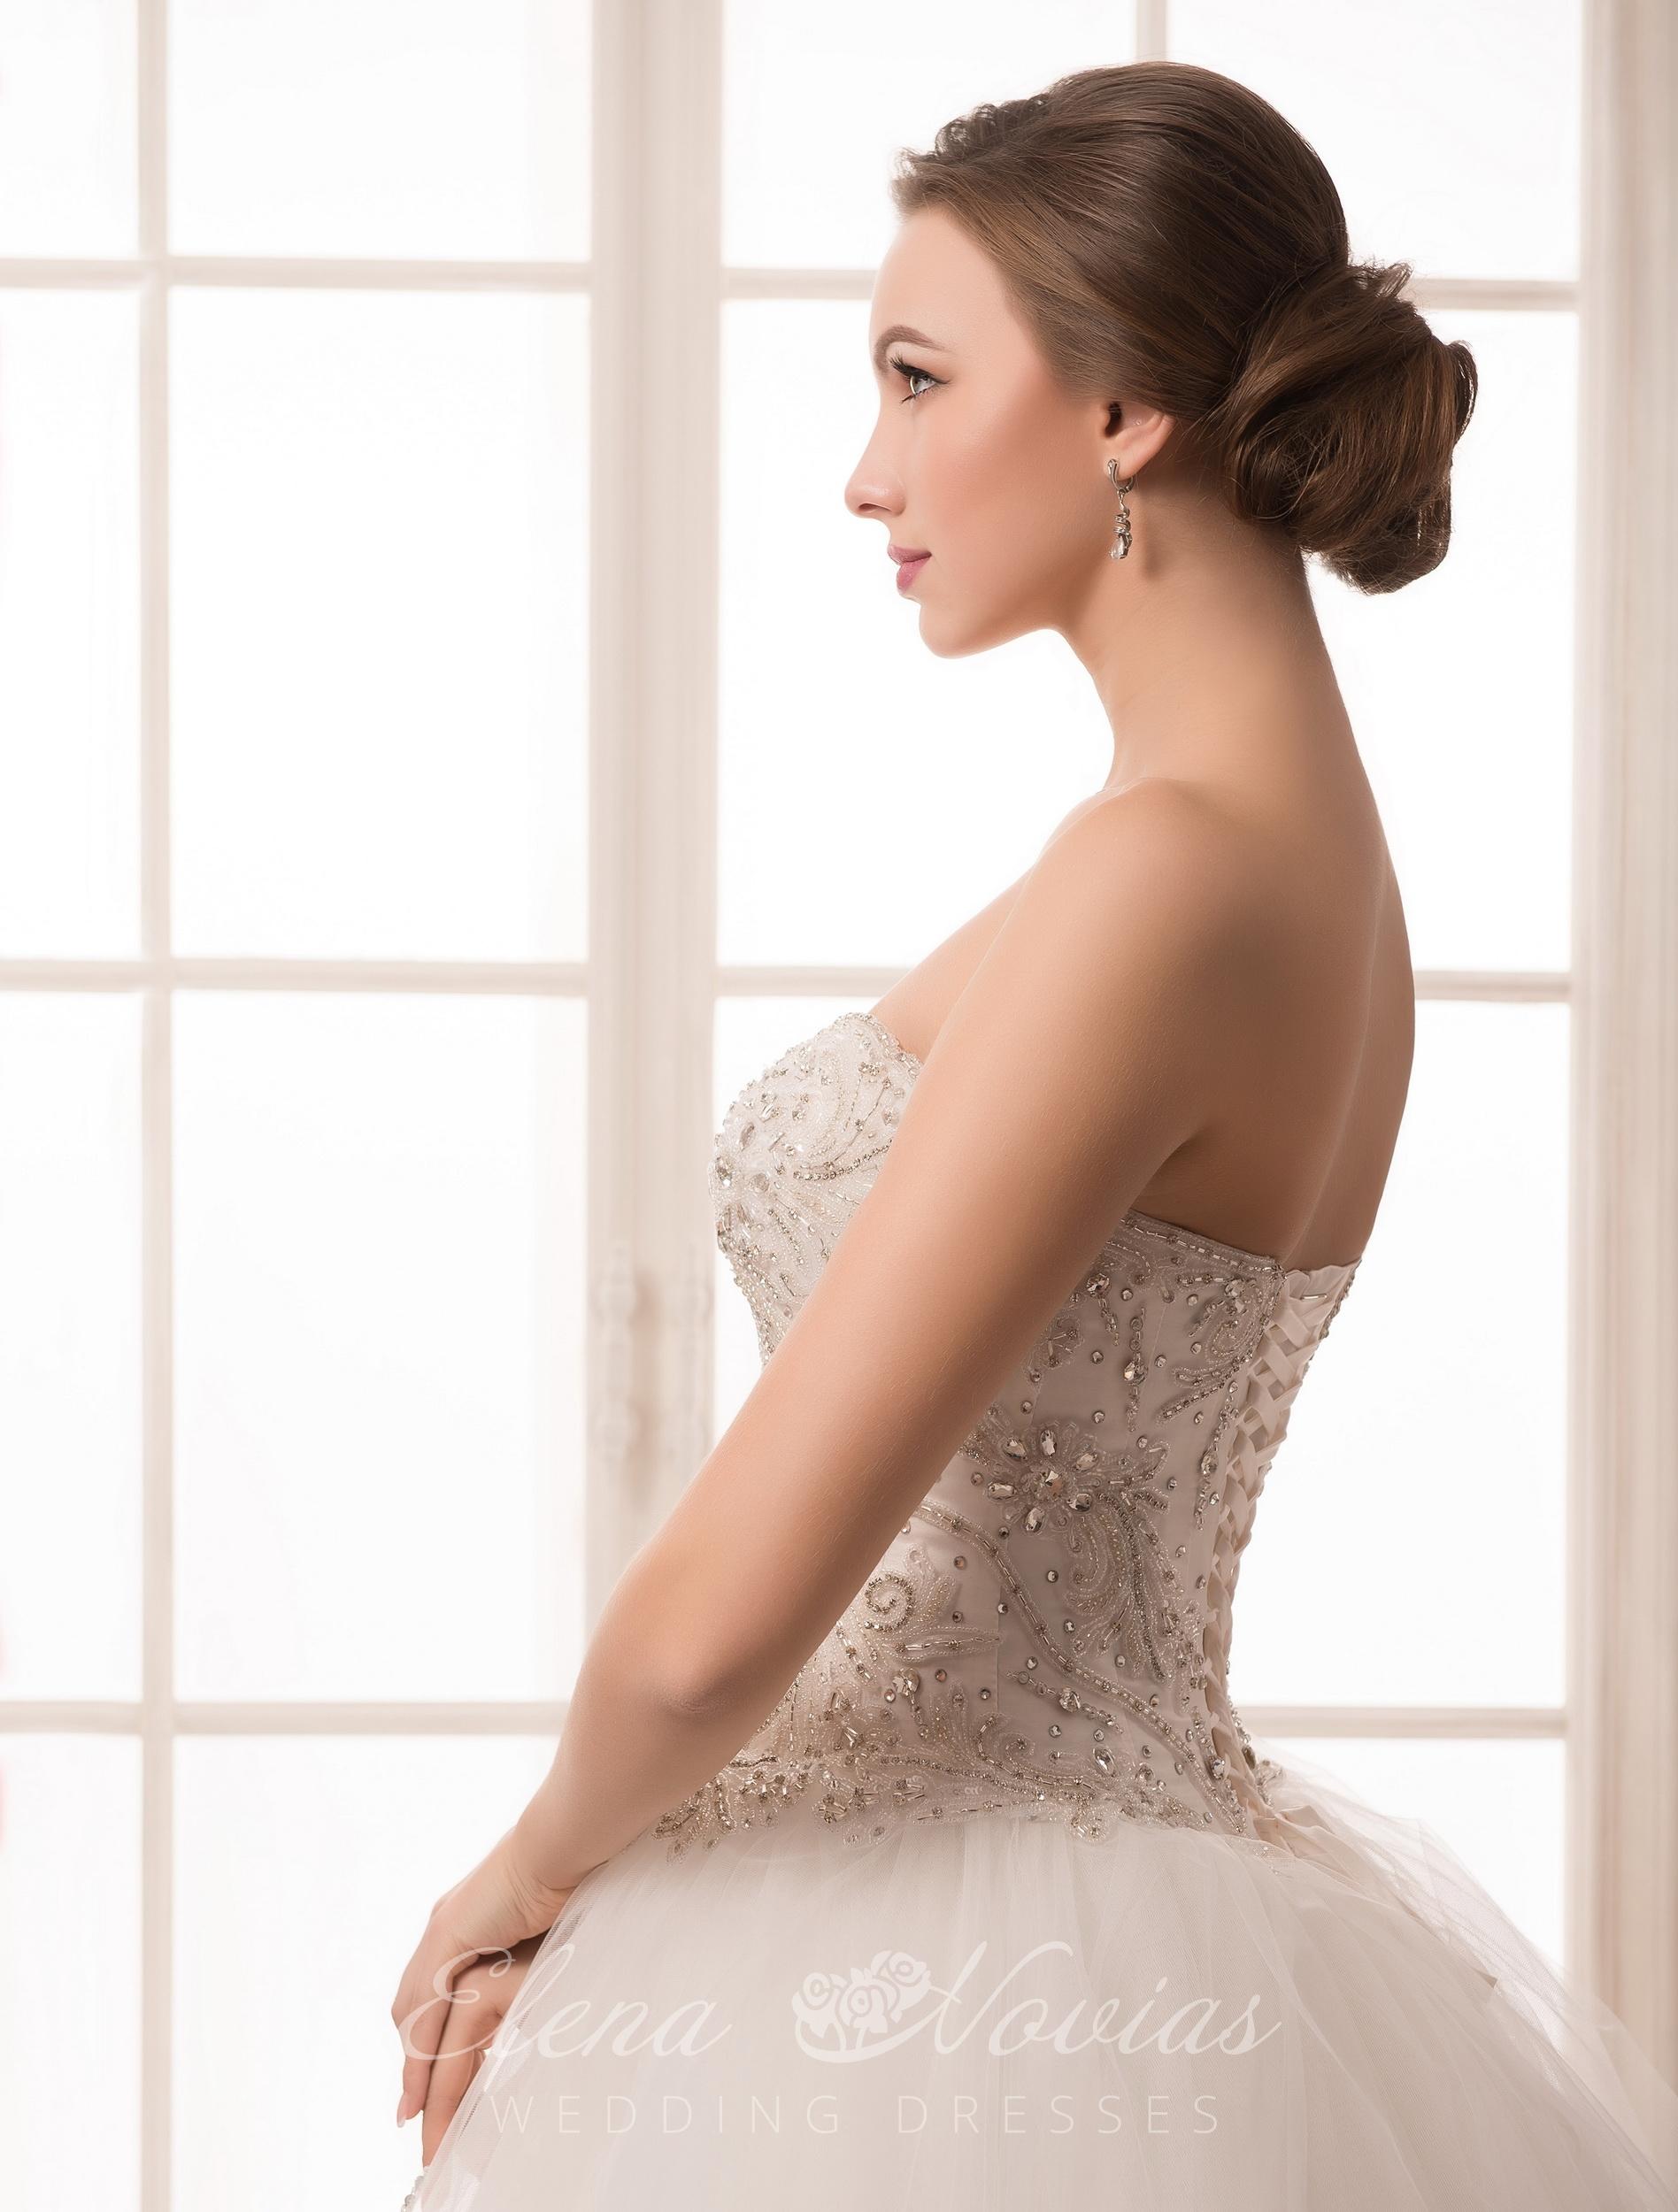 Rochia de mireasă angro 76